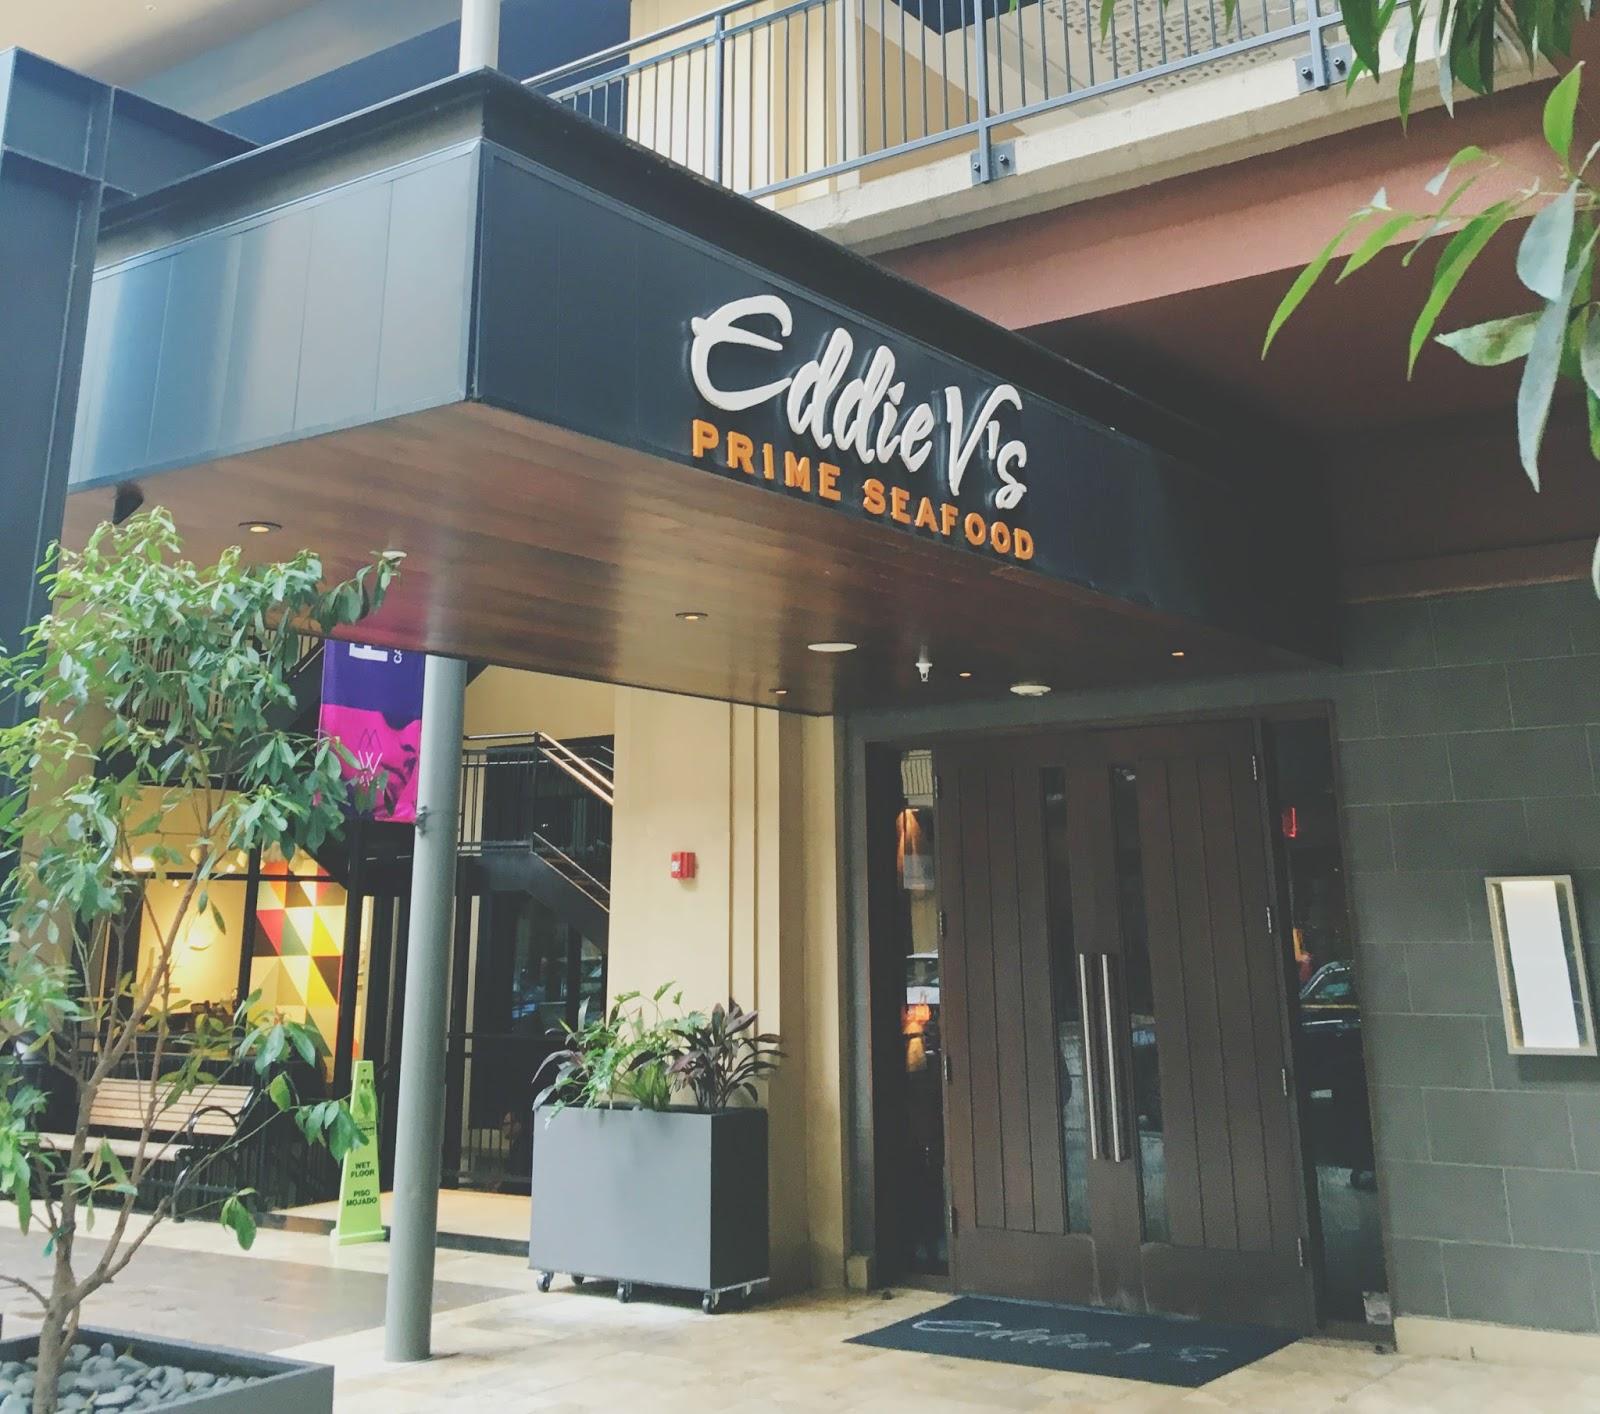 Eddie V's - A restaurant in Houston, Texas